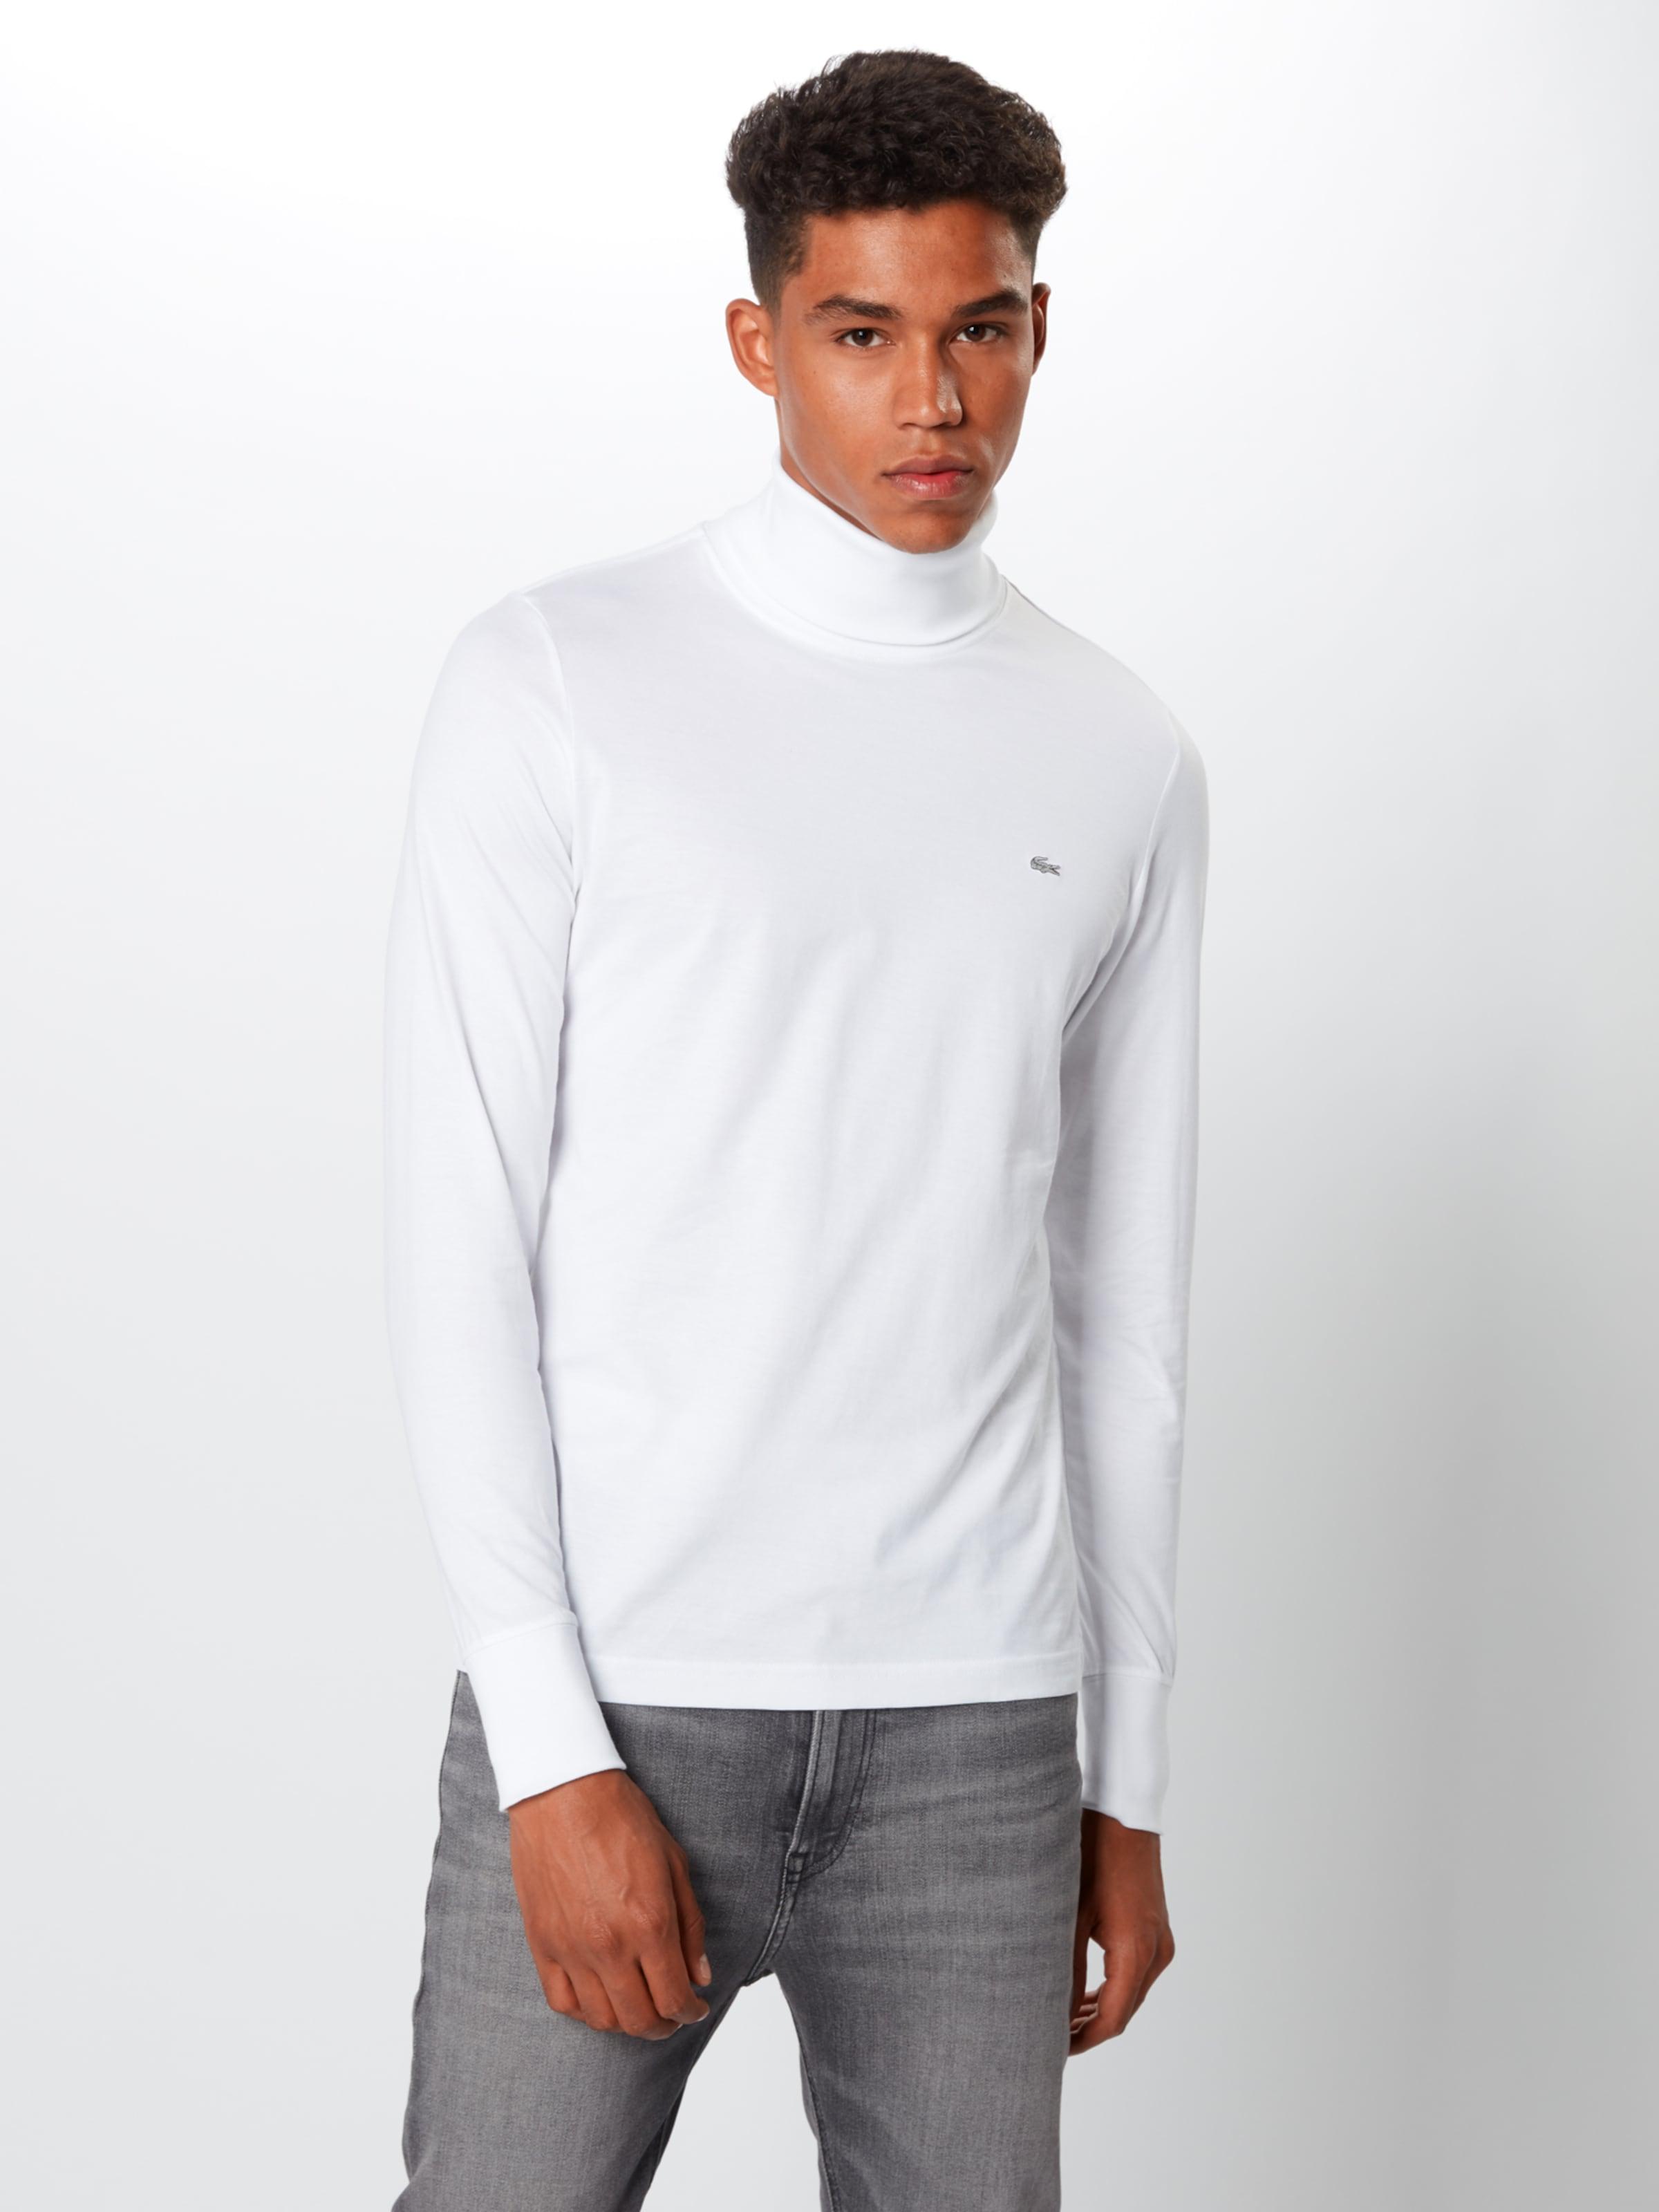 'chemise' Lacoste En over Blanc Pull TF31ulc5KJ